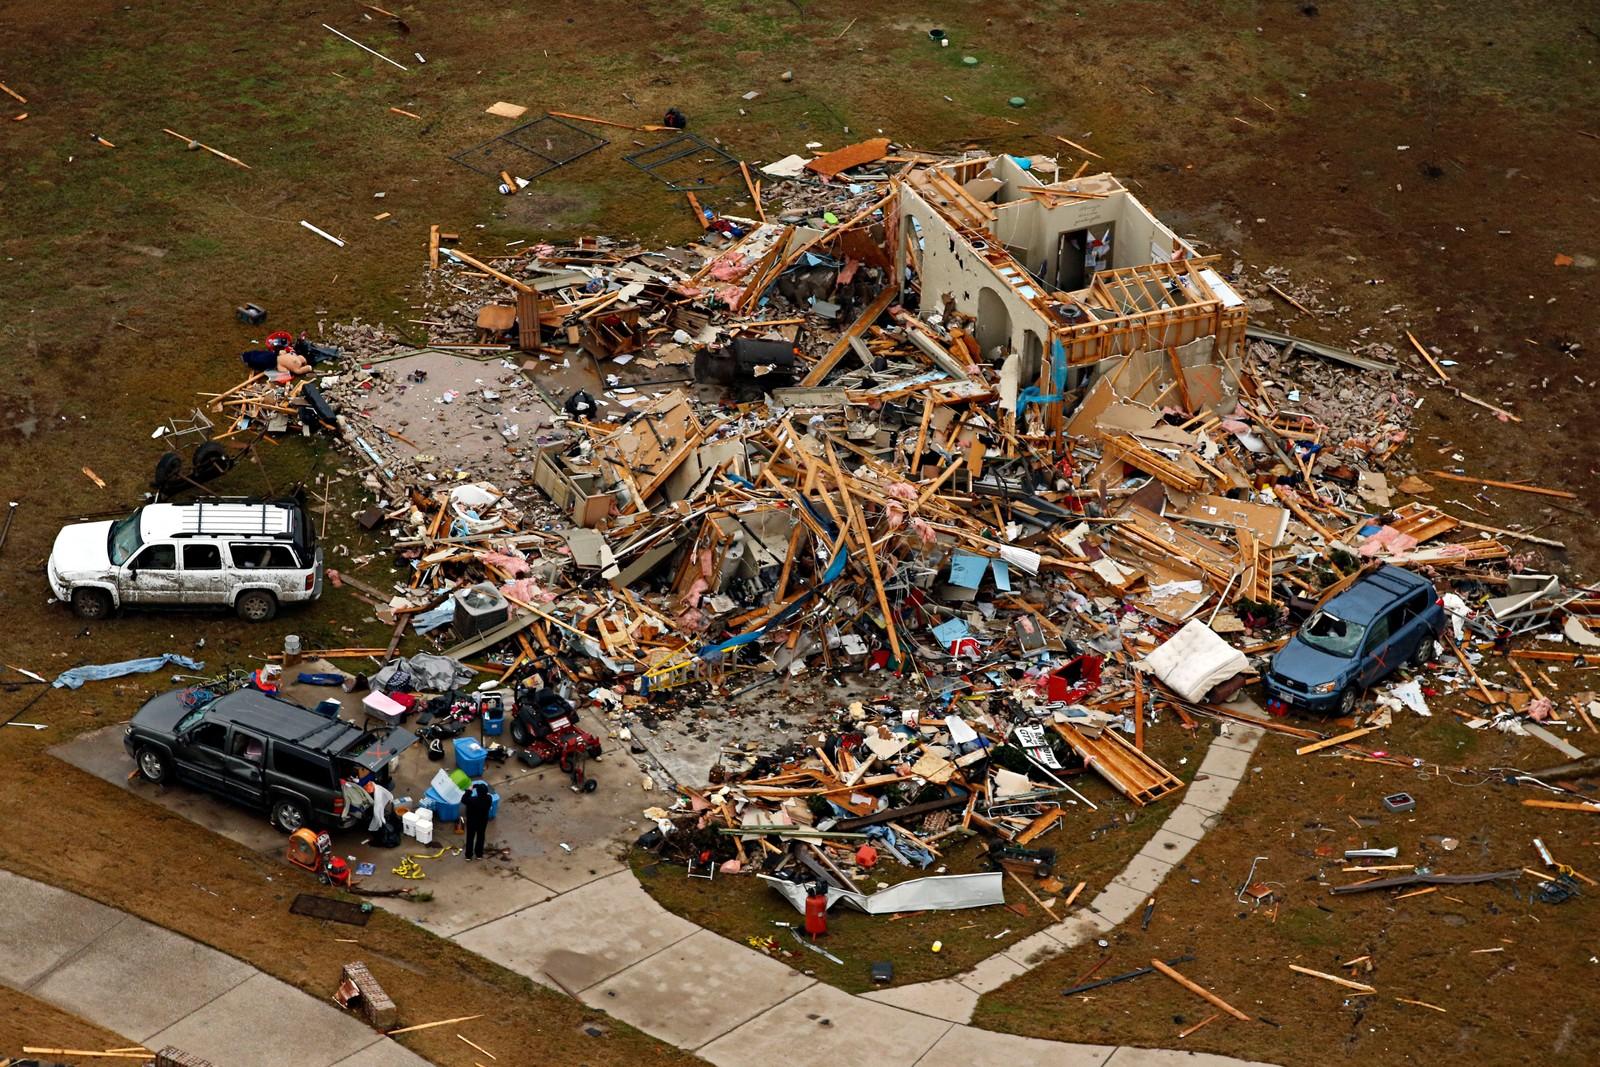 Det er bare pinneved igjen av dette huset i Dallas, Texas etter at en tornado feide gjennom området i slutten av desember. Over 40 er døde etter ekstremværet i USA.